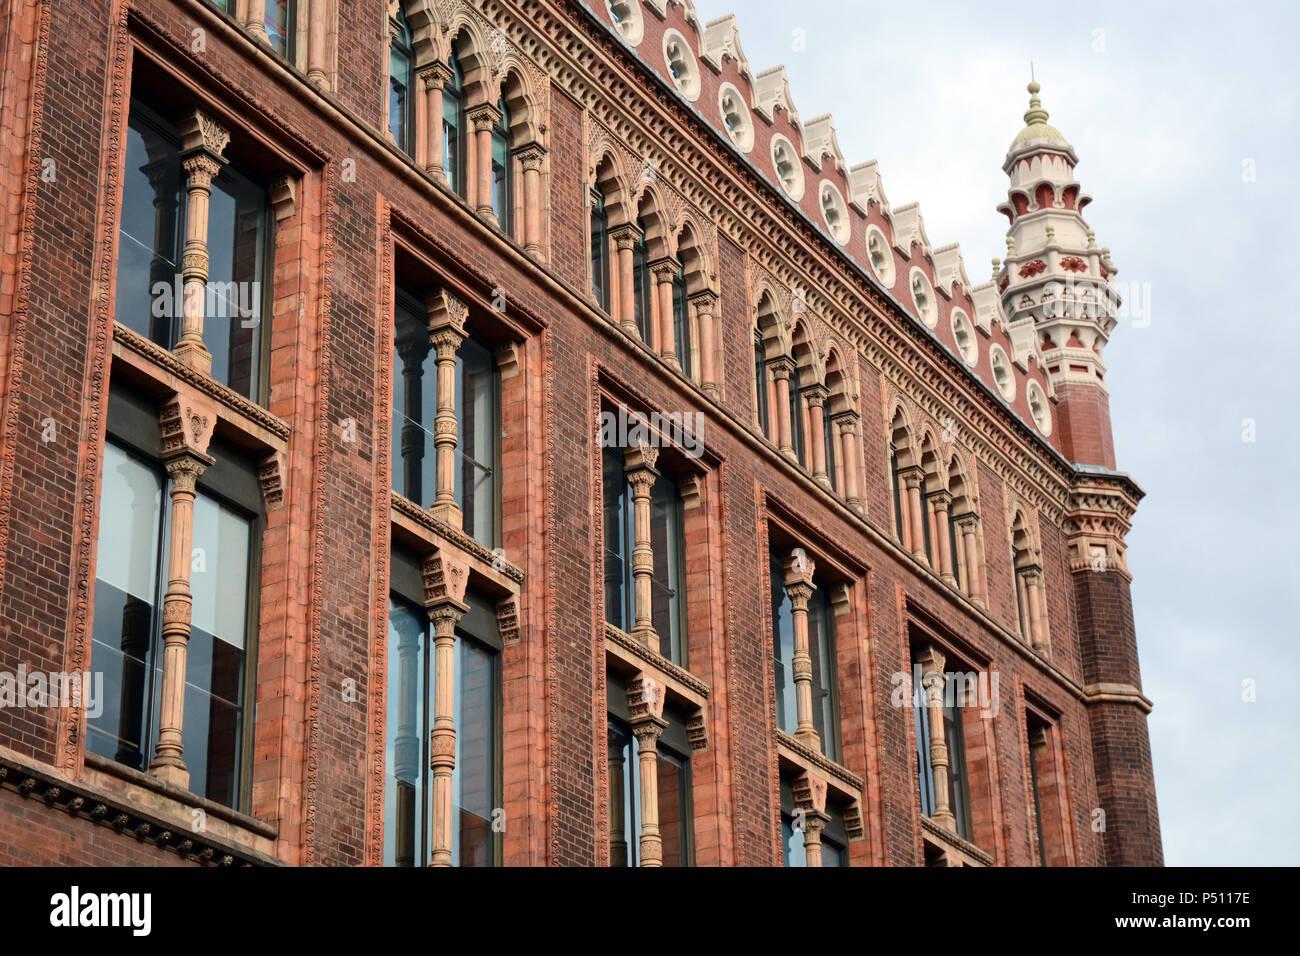 Die Fassade des historischen 19. Jahrhundert St. Paul's Haus im spanisch-maurischen Stil der Architektur erbaut, in Leeds, England, Vereinigtes Königreich. Stockbild